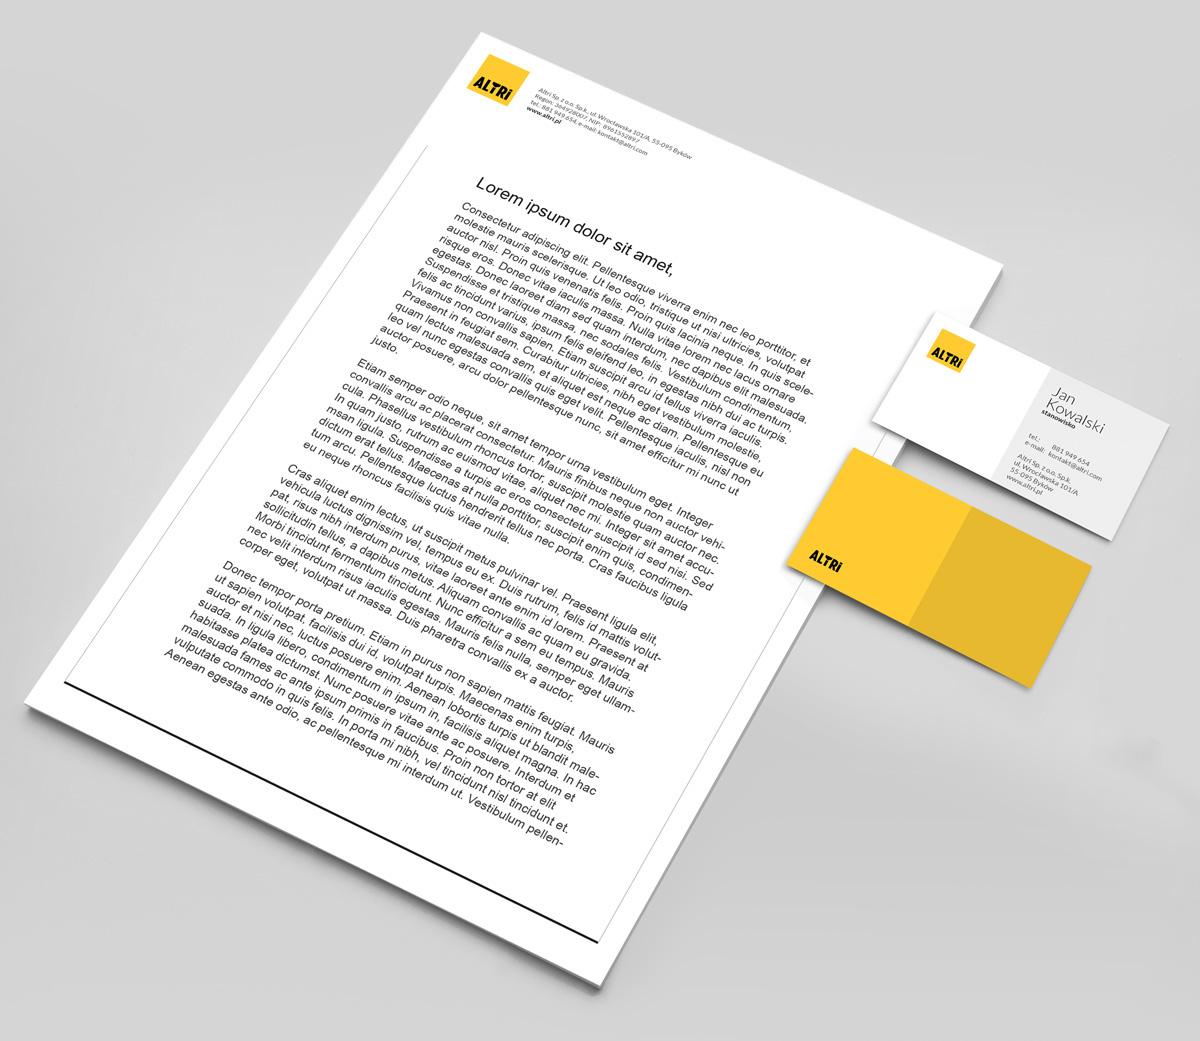 Altri - identyfikacja wizualna - projekt papieru firmowego i wizytówek